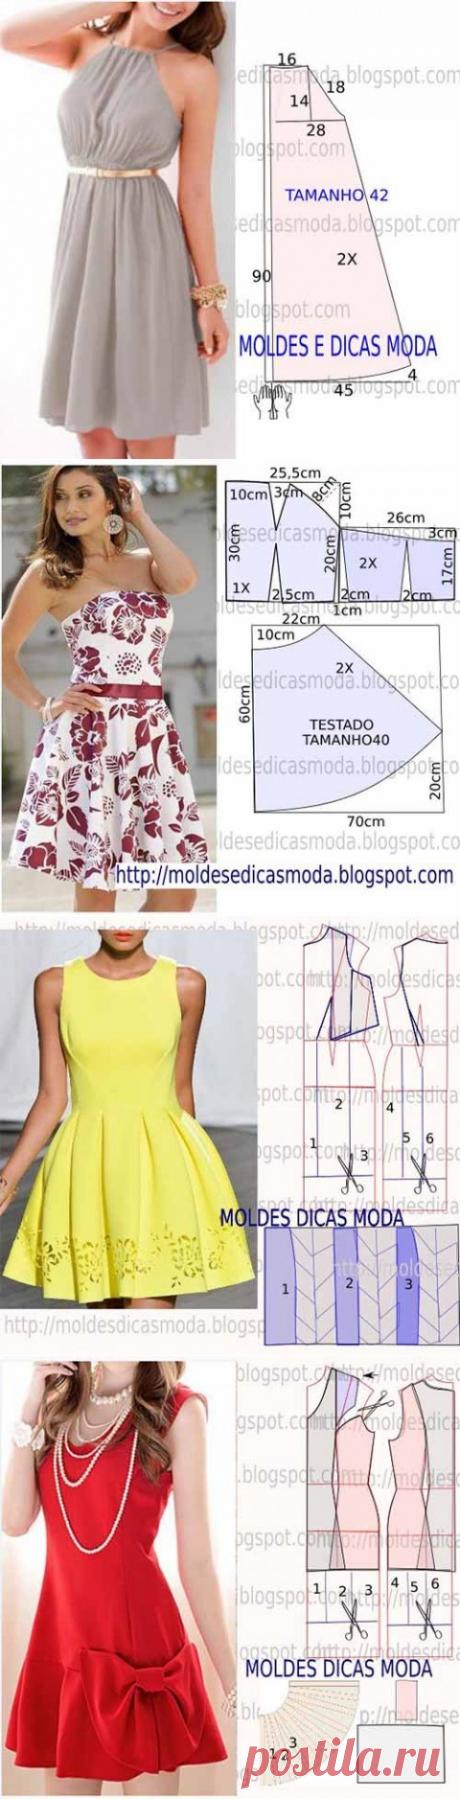 Еще 5 простых выкроек женских платьев